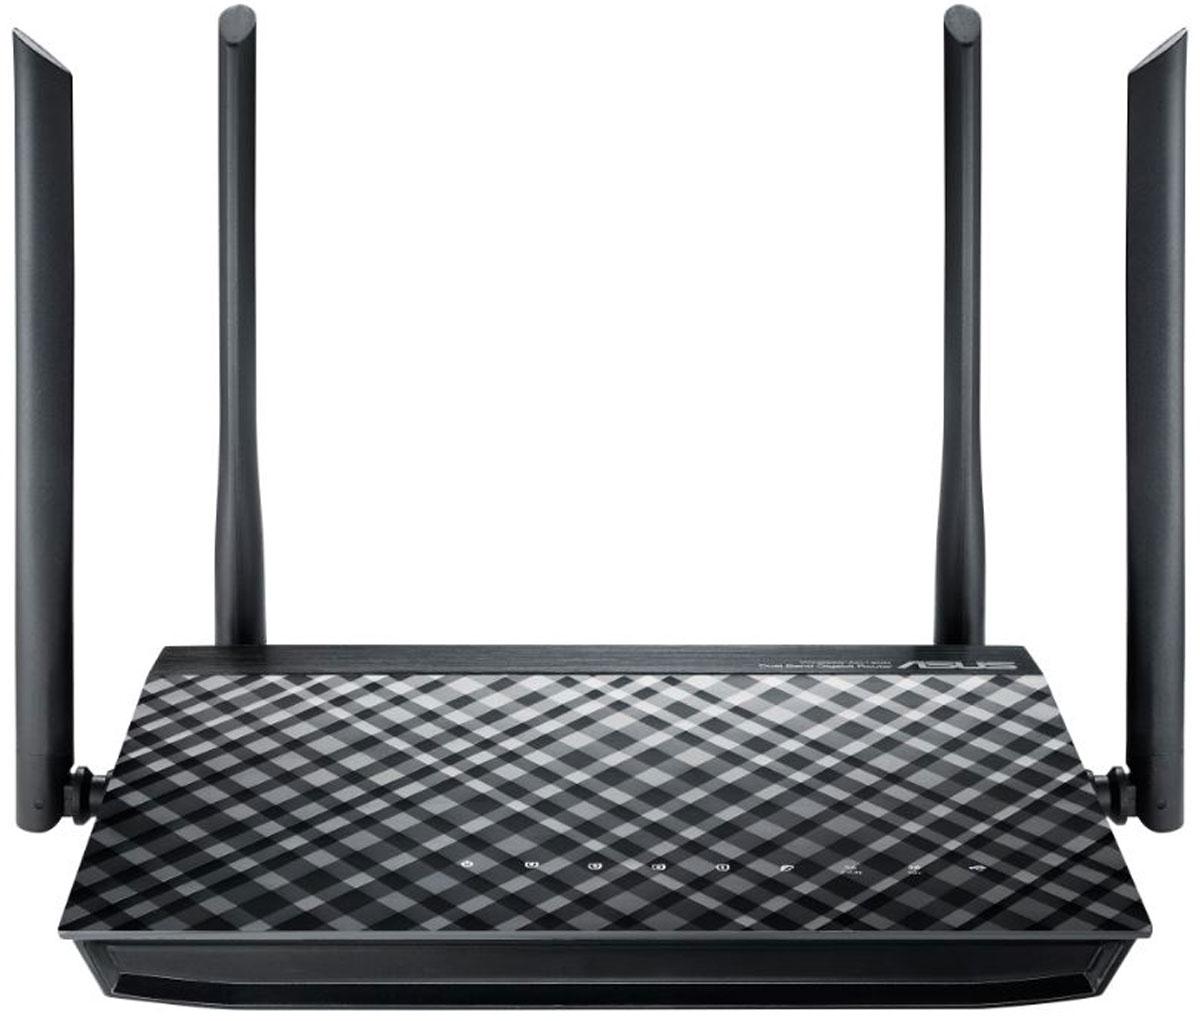 ASUS RT-AC1200GPLUS, Black маршрутизаторRT-AC1200GPLUSНовый двухдиапазонный маршрутизатор ASUS RT-AC1200G+ Современные стандартыAsus RT-AC1200GPLUS - это современный двухдиапазонный беспроводной маршрутизатор с четырьмя внешними антеннами. Поддержка стандарта 802.11ac означает увеличенную скорость передачи данных по сети Wi-Fi, а благодаря разъему USB 2.0 к маршрутизатору можно подключить 3G/4G-модемы, принтеры и внешние накопители, что позволит расширить функциональность устройства. С помощью технологии ASUS AiCloud пользователь сможет получить доступ к его файлам, хранящимся в домашней сети и облачных хранилищах, где бы он ни находился.Высокая скорость передачи данныхЭто беспроводной маршрутизатор стандарта 802.11ac, обеспечивающий скорость передачи данных в диапазоне 5 ГГц до 867 Мбит/с, что по сравнению с обычным роутером, в 3 раза быстрее. Поддержка стандарта 802.11ac, реализованная с помощью чипсета Broadcom, означает, что владельцы нового RT-AC1200G Plus могут насладиться онлайн-играми без задержек и комфортной работой даже с самыми требовательными к полосе пропускания системами.Большой радиус действия беспроводного модуляБольшая зона покрытия, обеспечиваемая четырьмя антеннами и оптимизированным усилителем сигнала, делают RT-AC1200G Plus идеальным выбором для больших помещений, а поддержка стандарта Wi-Fi 802.11ac означает повышенную скорость передачи данных.Технология AiRadarТехнология ASUS AiRadar служит для увеличения зоны покрытия сети Wi-Fi. Интеллектуально определяя расположение подключенных устройств, RT-AC1200G Plus преобразует слабый всенаправленный сигнал в сильный однонаправленный, что обеспечивает более высокую скорость передачи данных.Поддержка двух частотных диапазонов для беспроводных сетейБлагодаря возможности одновременной работы в двух частотных диапазонах (2,4 и 5 ГГц) со скоростью 300 Мбит/с и 867 Мбит/с, соответственно, RT-AC1200G Plus обеспечивает общую скорость передачи данных по беспроводной сети на уровне 1167 Мбит/с. Это позволяет в